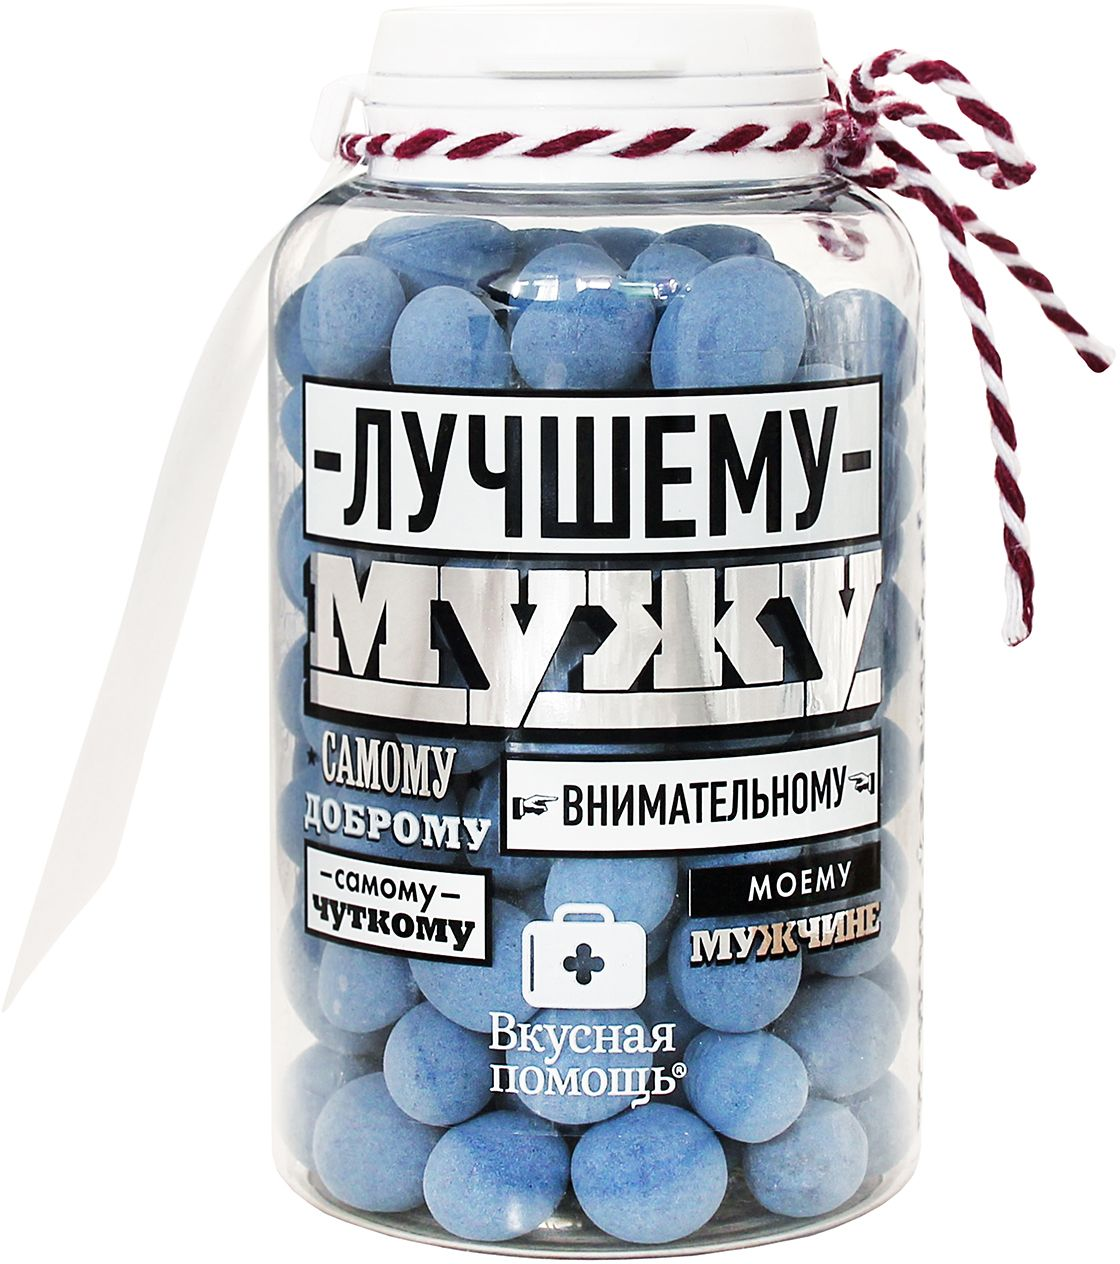 Вкусная помощь конфеты Для любимого мужа, 215 гУУ-00002456Самый вкусный подарок мужу – Вкусная помощь Лучшему мужу, набор восхитительных драже, который покажется ему вкуснее всего, что он когда-либо пробовал. Это маленькая, приятная радость, которая напомнит вашему мужчине, как он вам дорог. Забавная упаковка создана специально для легкого, веселого настроения. Ароматные конфеты со вкусом черники подарит прекрасные воспоминания о лете и вдохновит на новые совместные планы. Это оригинальный подарок на 23 февраля всем мужчинам.